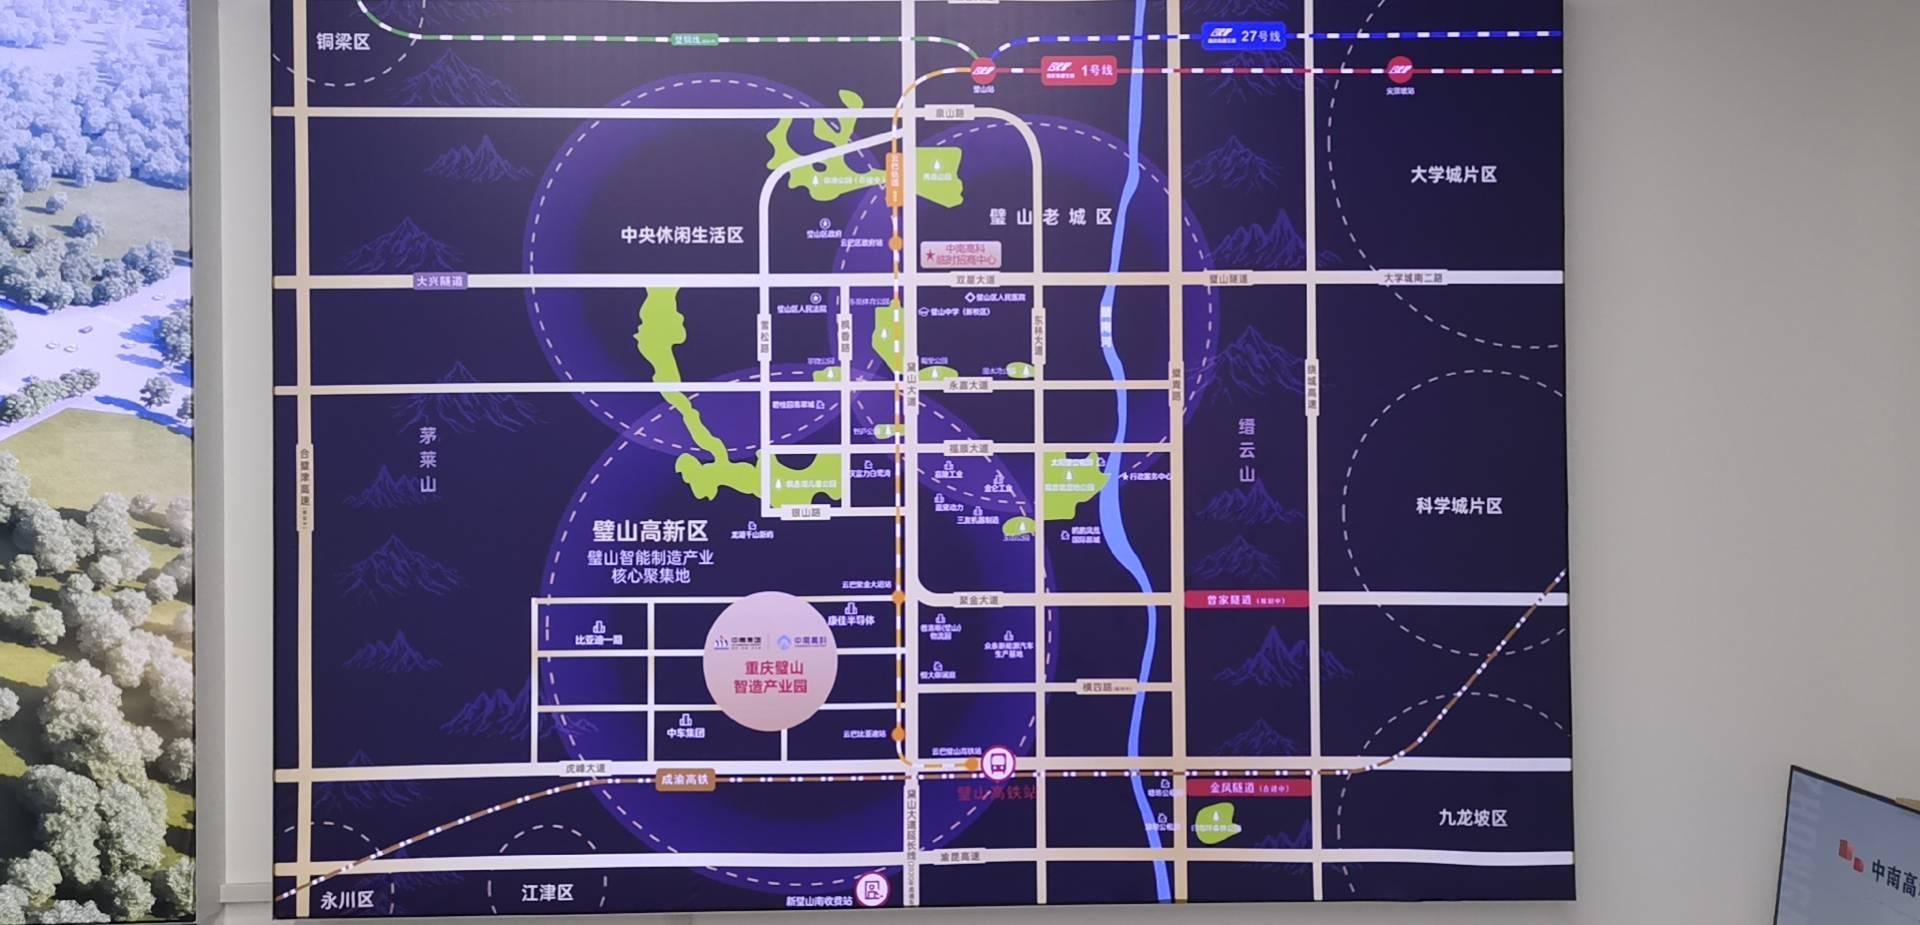 重庆市璧山高新区标准厂房招商